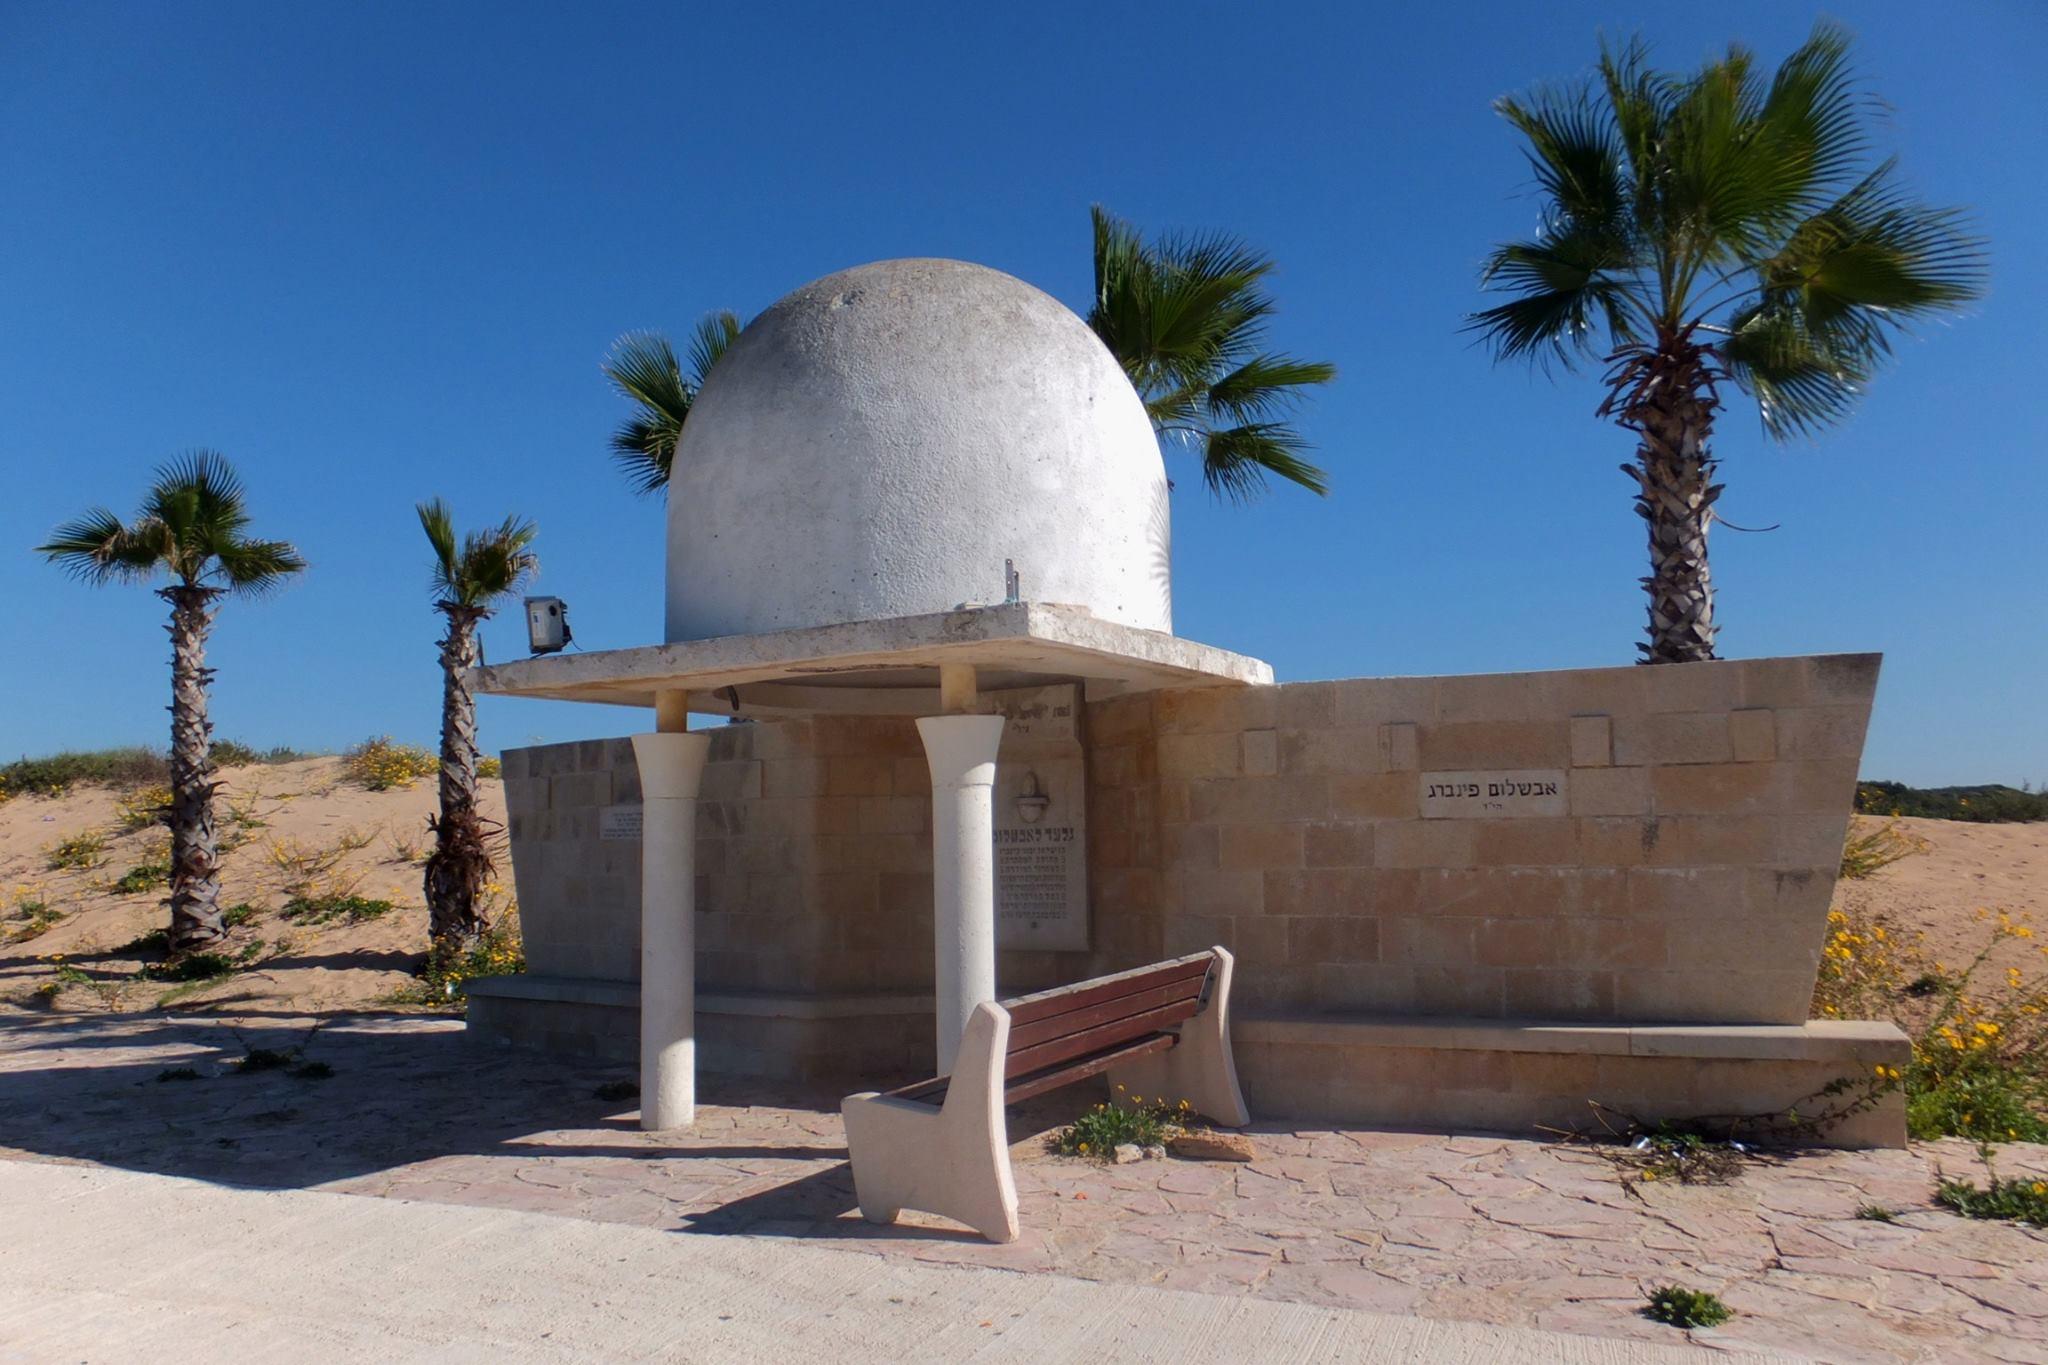 Мемориал Авшалому Файнбергу в Хадере. Фото автора